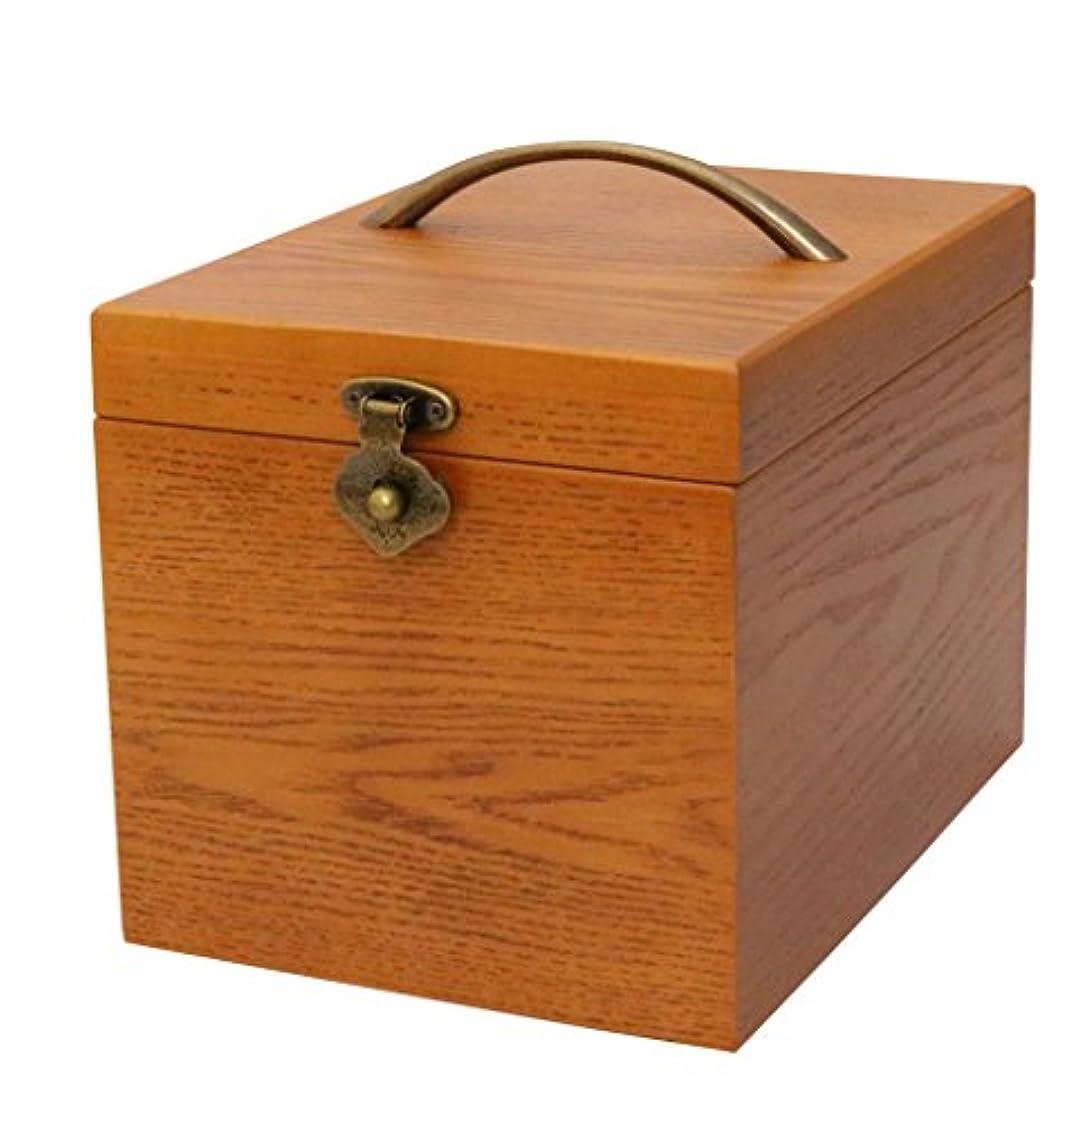 探検飲み込むイタリッククレエ 木製 メイクボックス 鏡付き化粧品箱 ブラウン 90900044 18×24×17.5